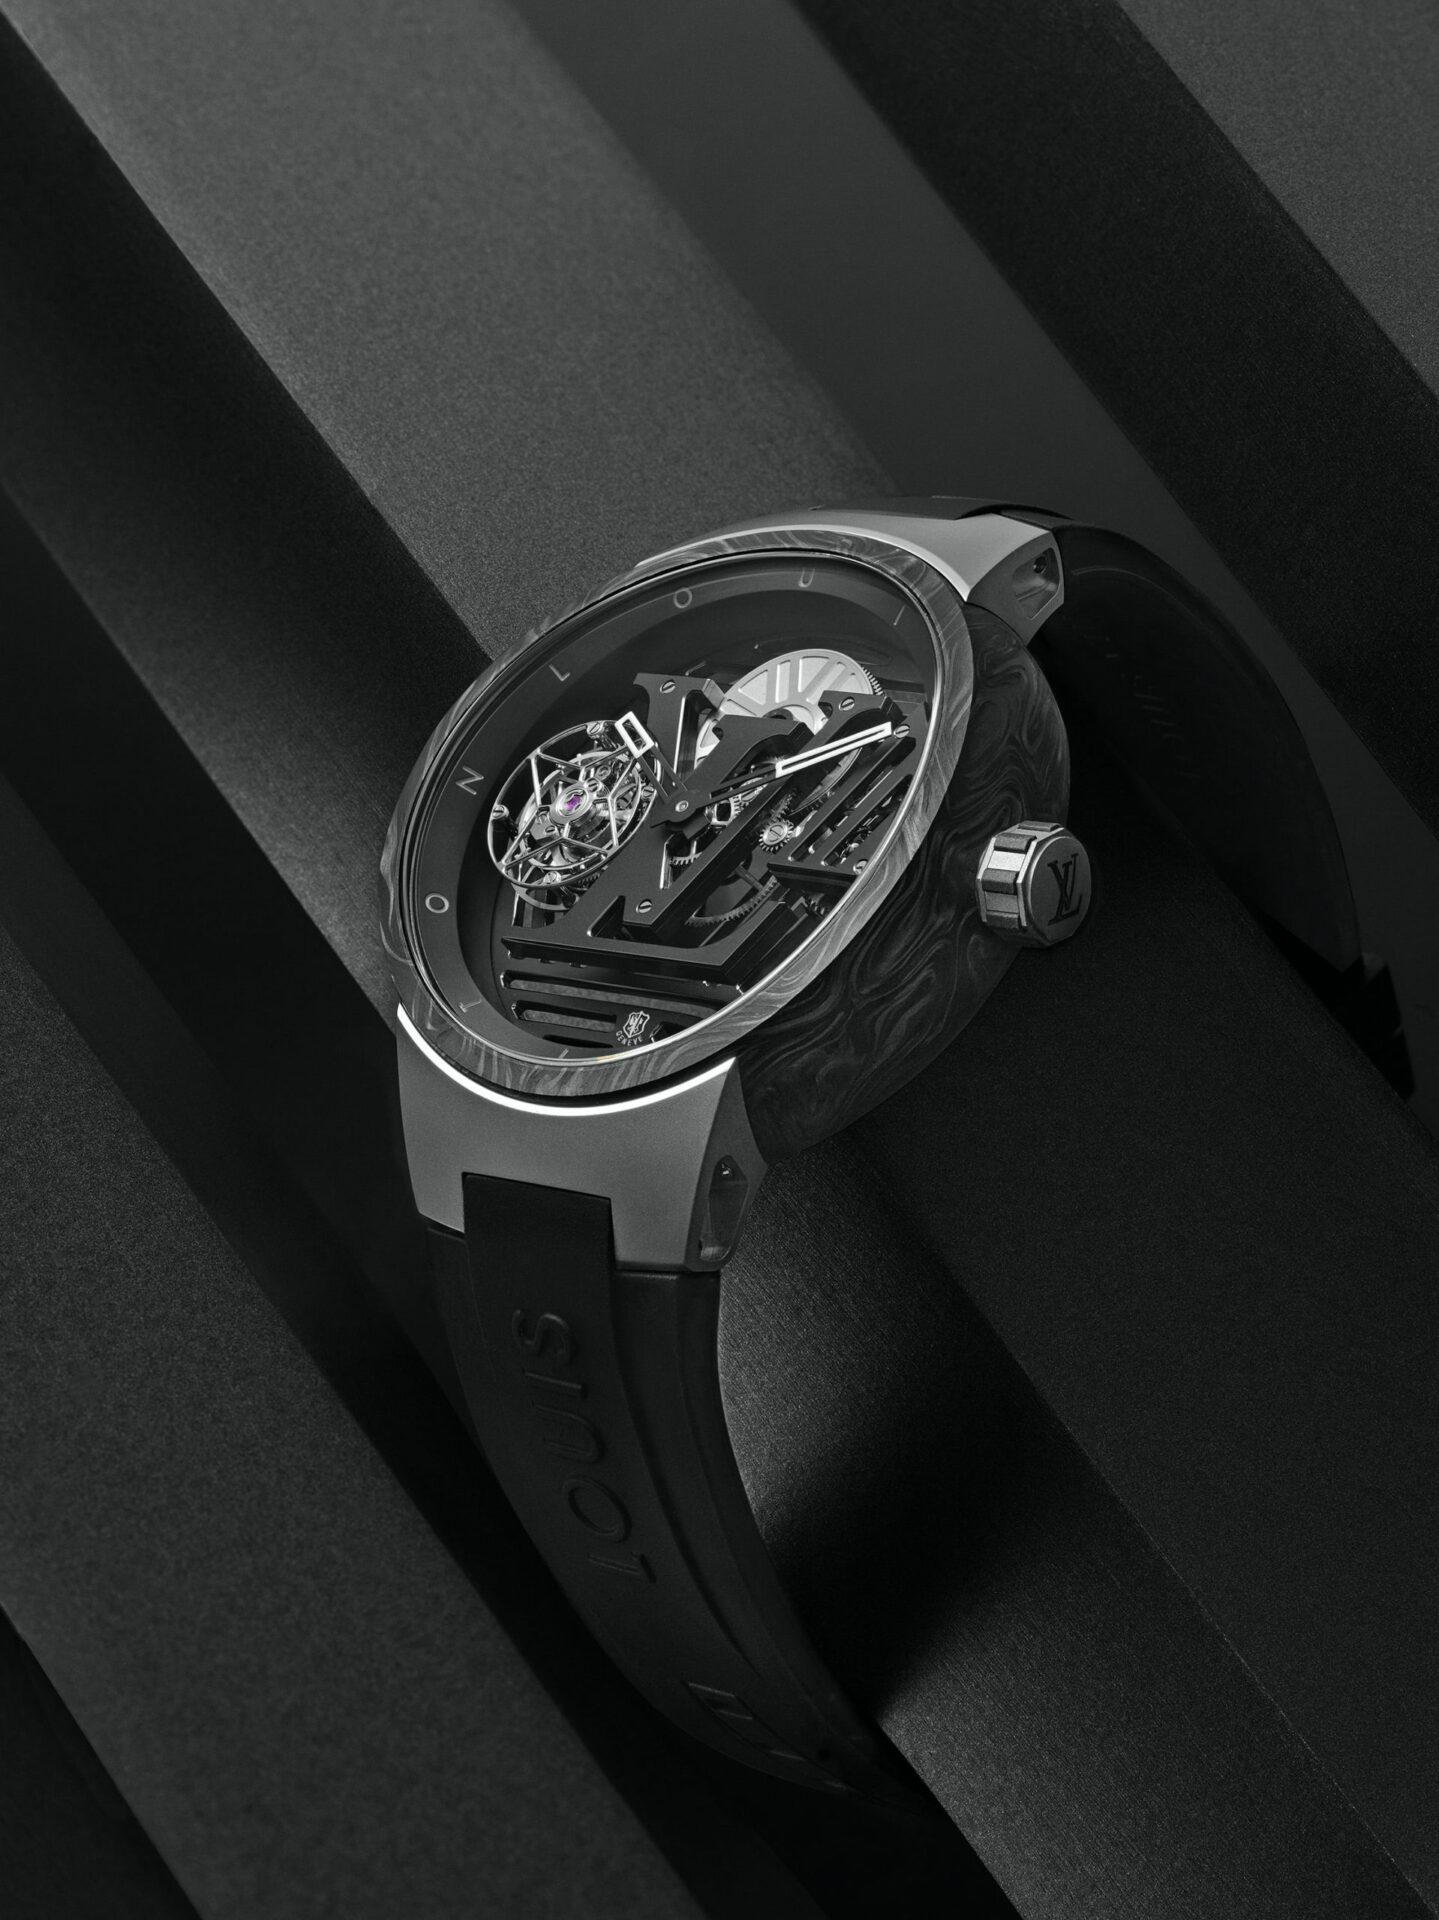 HANDS-ON: The dark traveller, Louis Vuitton's Tambour Curve Flying Tourbillon Poinçon de Genève